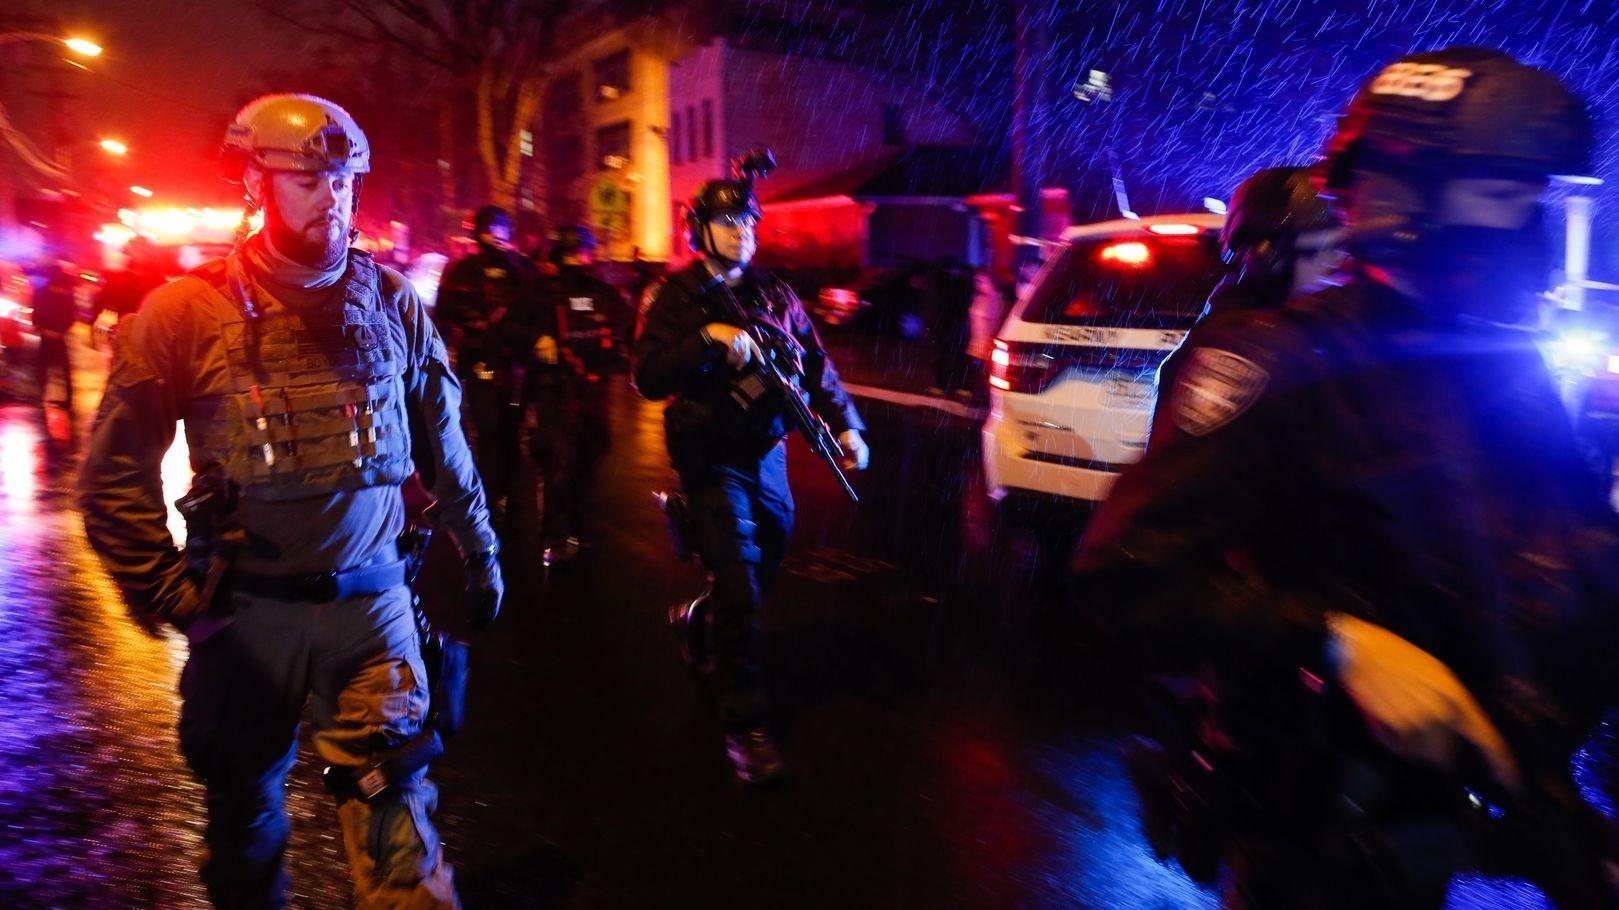 Jersey City: Polizisten sind in der Nähe des Tatorts im Einsatz.